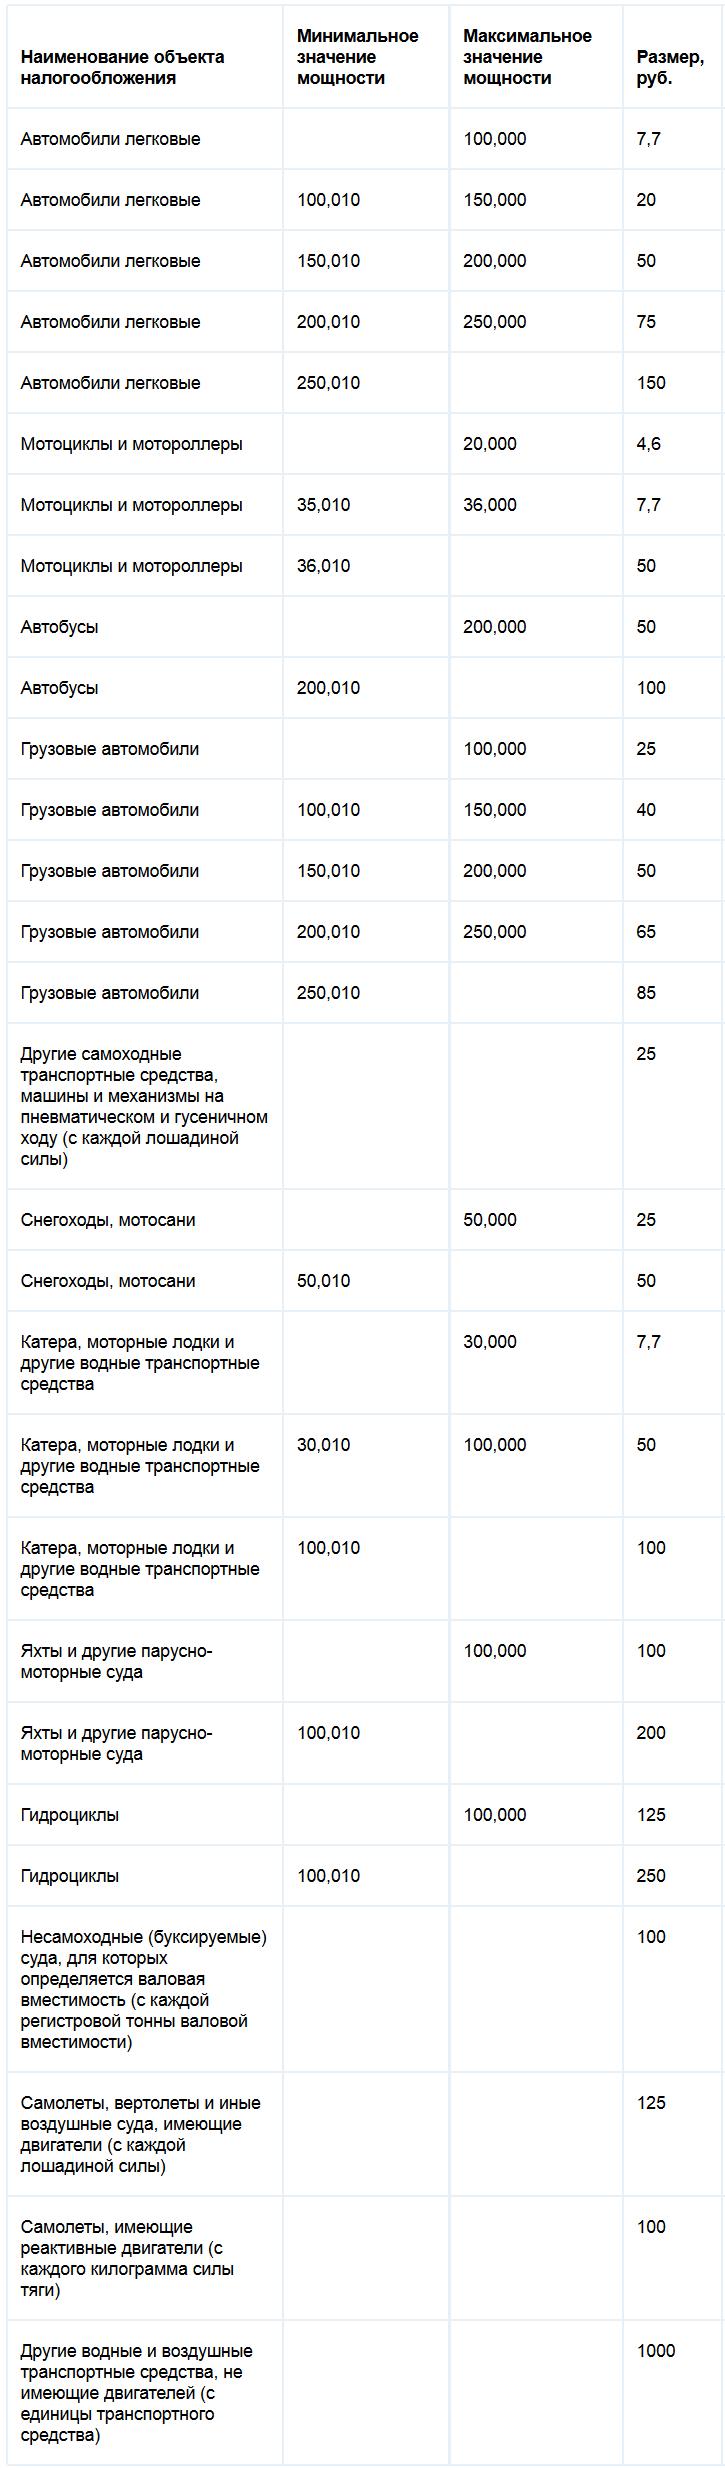 Как посчитать транспортный налог